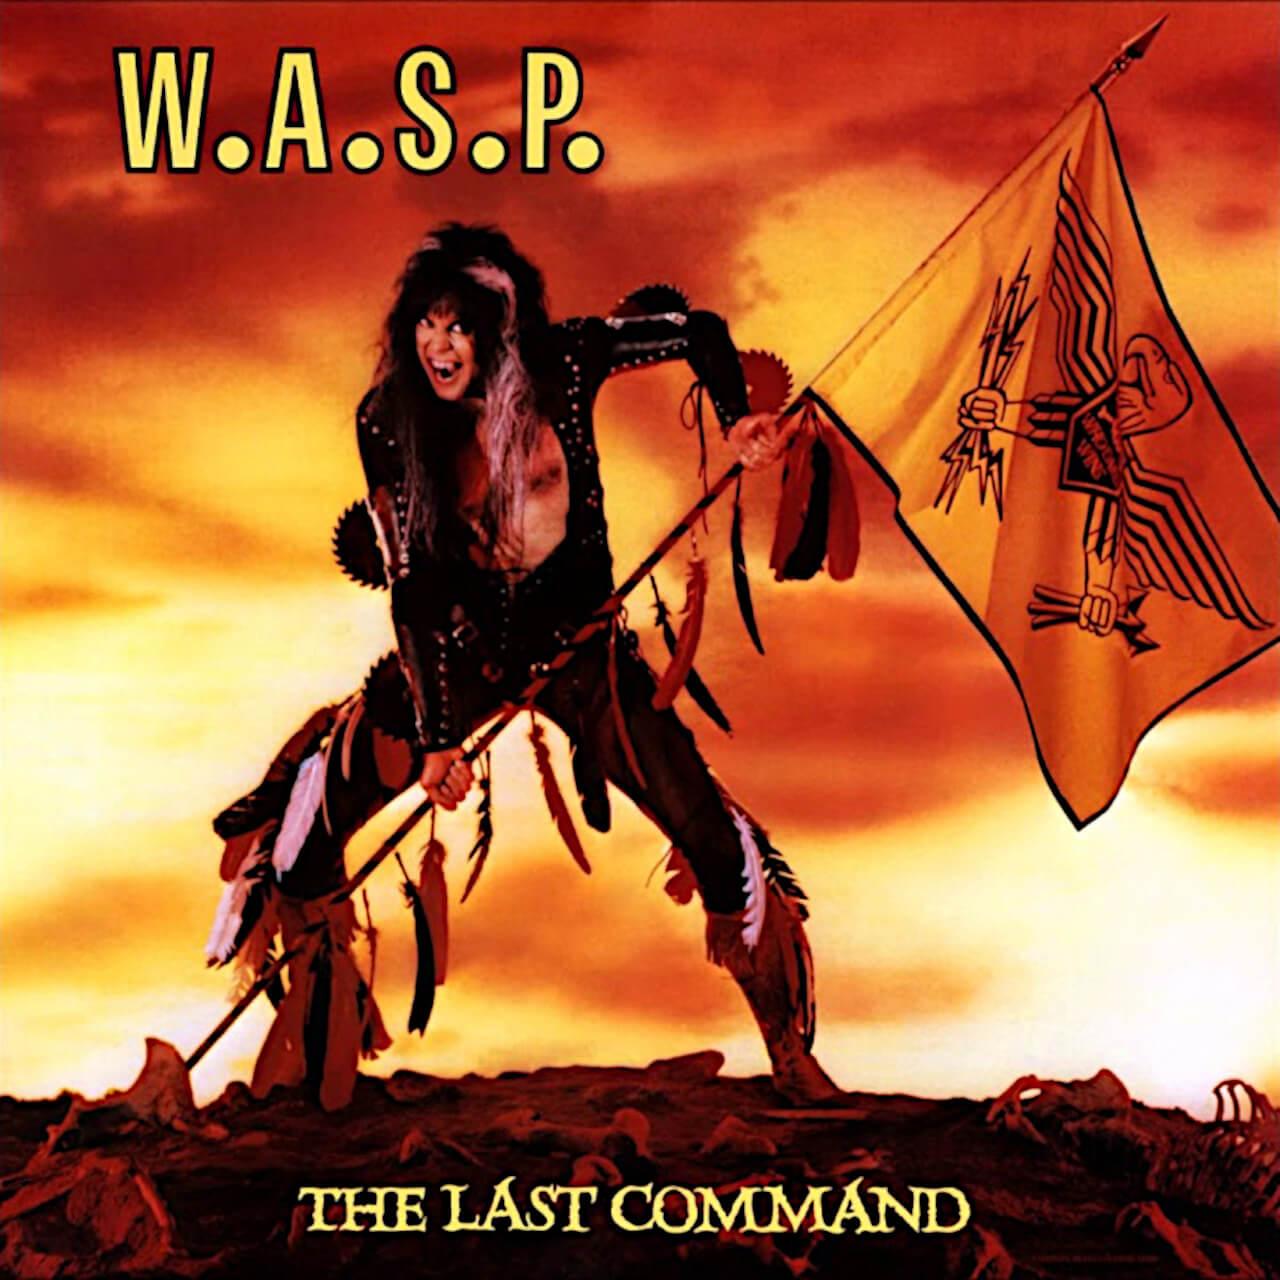 W.A.S.P. El último comando